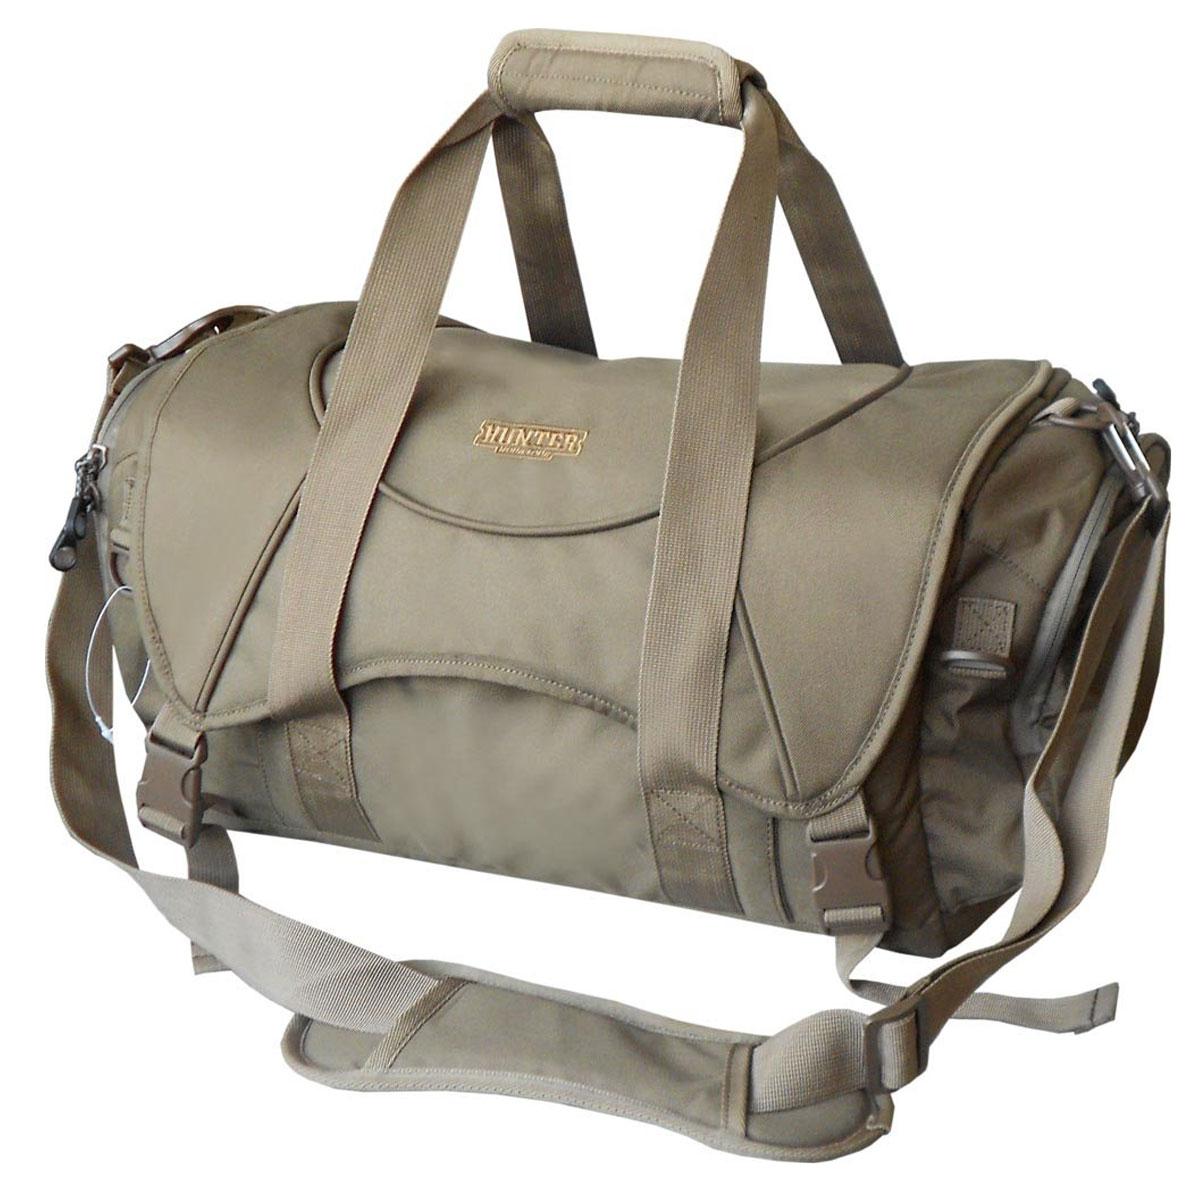 """Hunter Nova Tour Охотничья сумка Hunter Nova Tour """"Трофи"""", цвет: коричневый. 95128-228-00"""